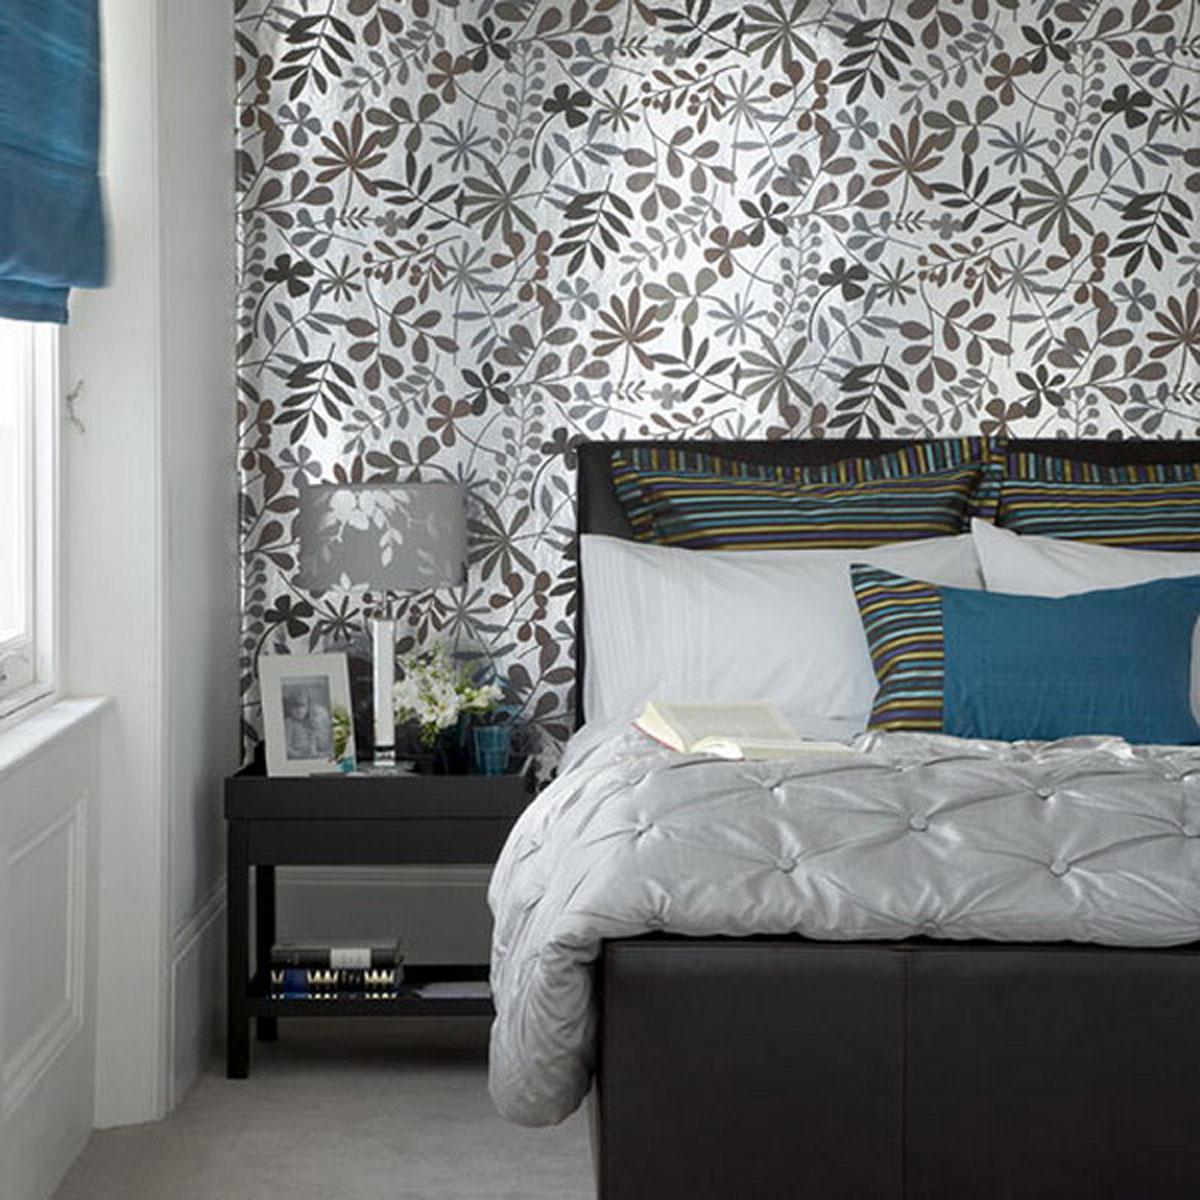 Tapete u spava oj sobi bravacasa magazin for Fancy wallpaper for bedroom